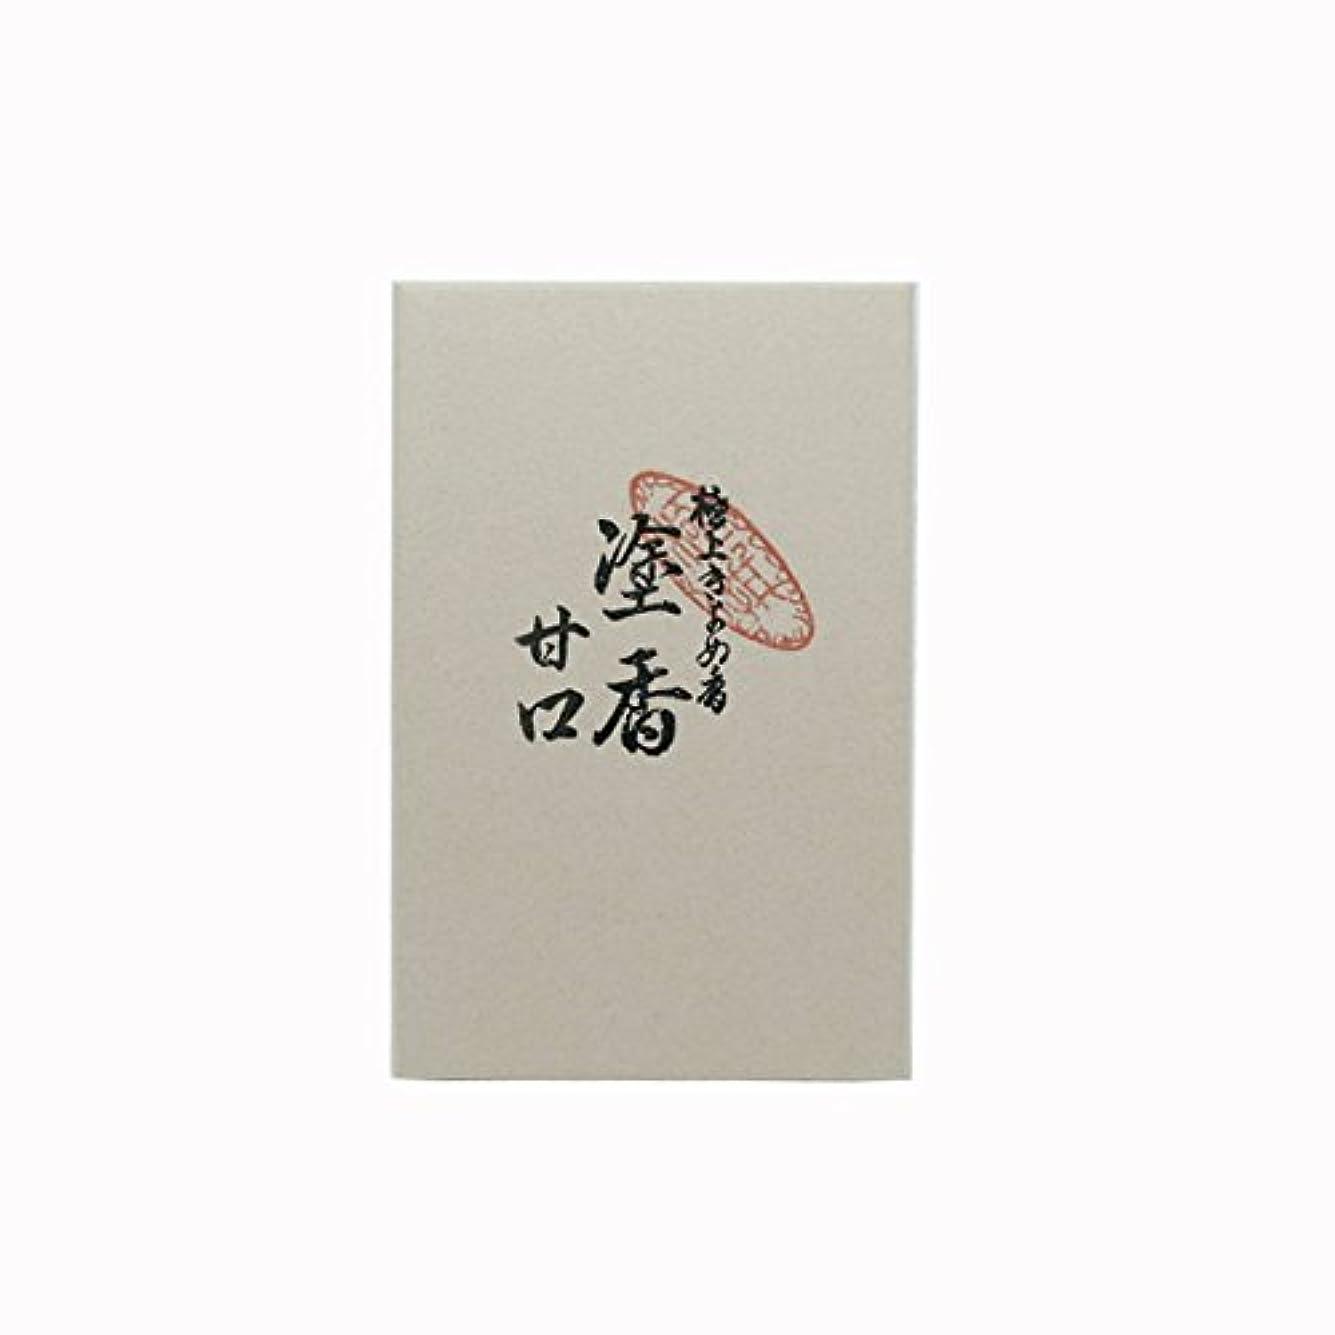 歯科のおいしいログ塗香(甘口) 12g入